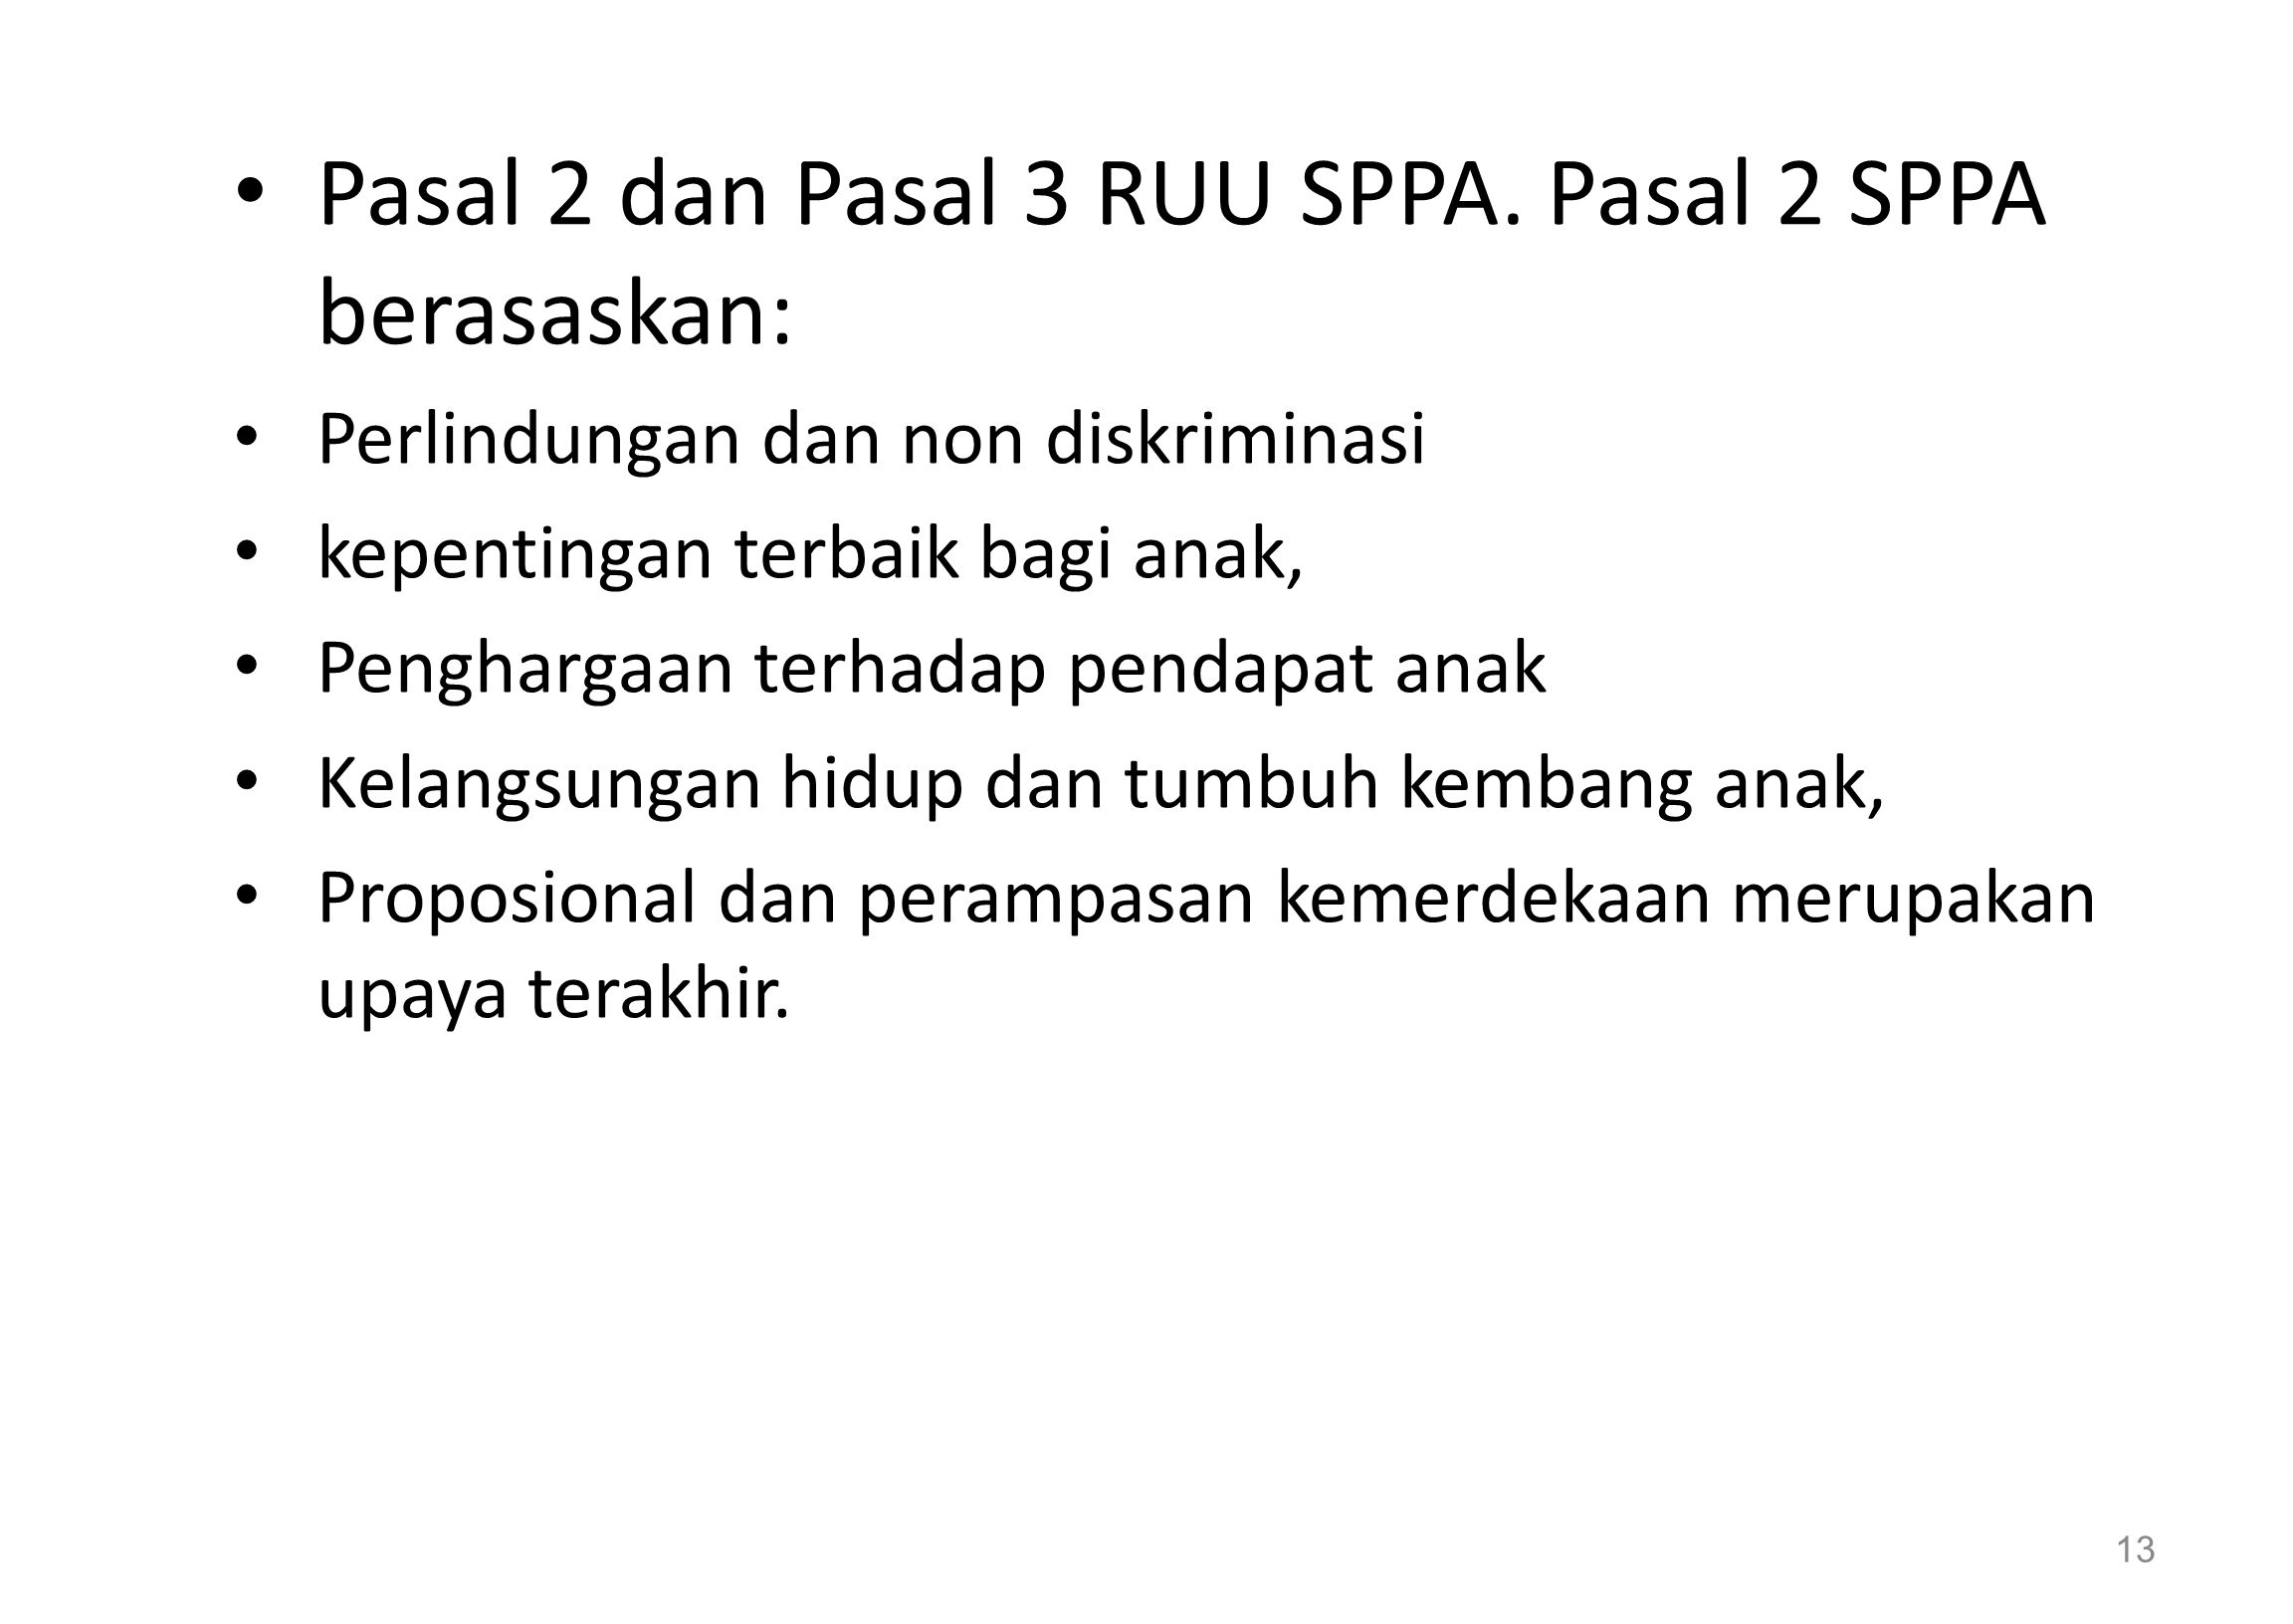 Pasal 2 dan Pasal 3 RUU SPPA. Pasal 2 SPPA berasaskan: